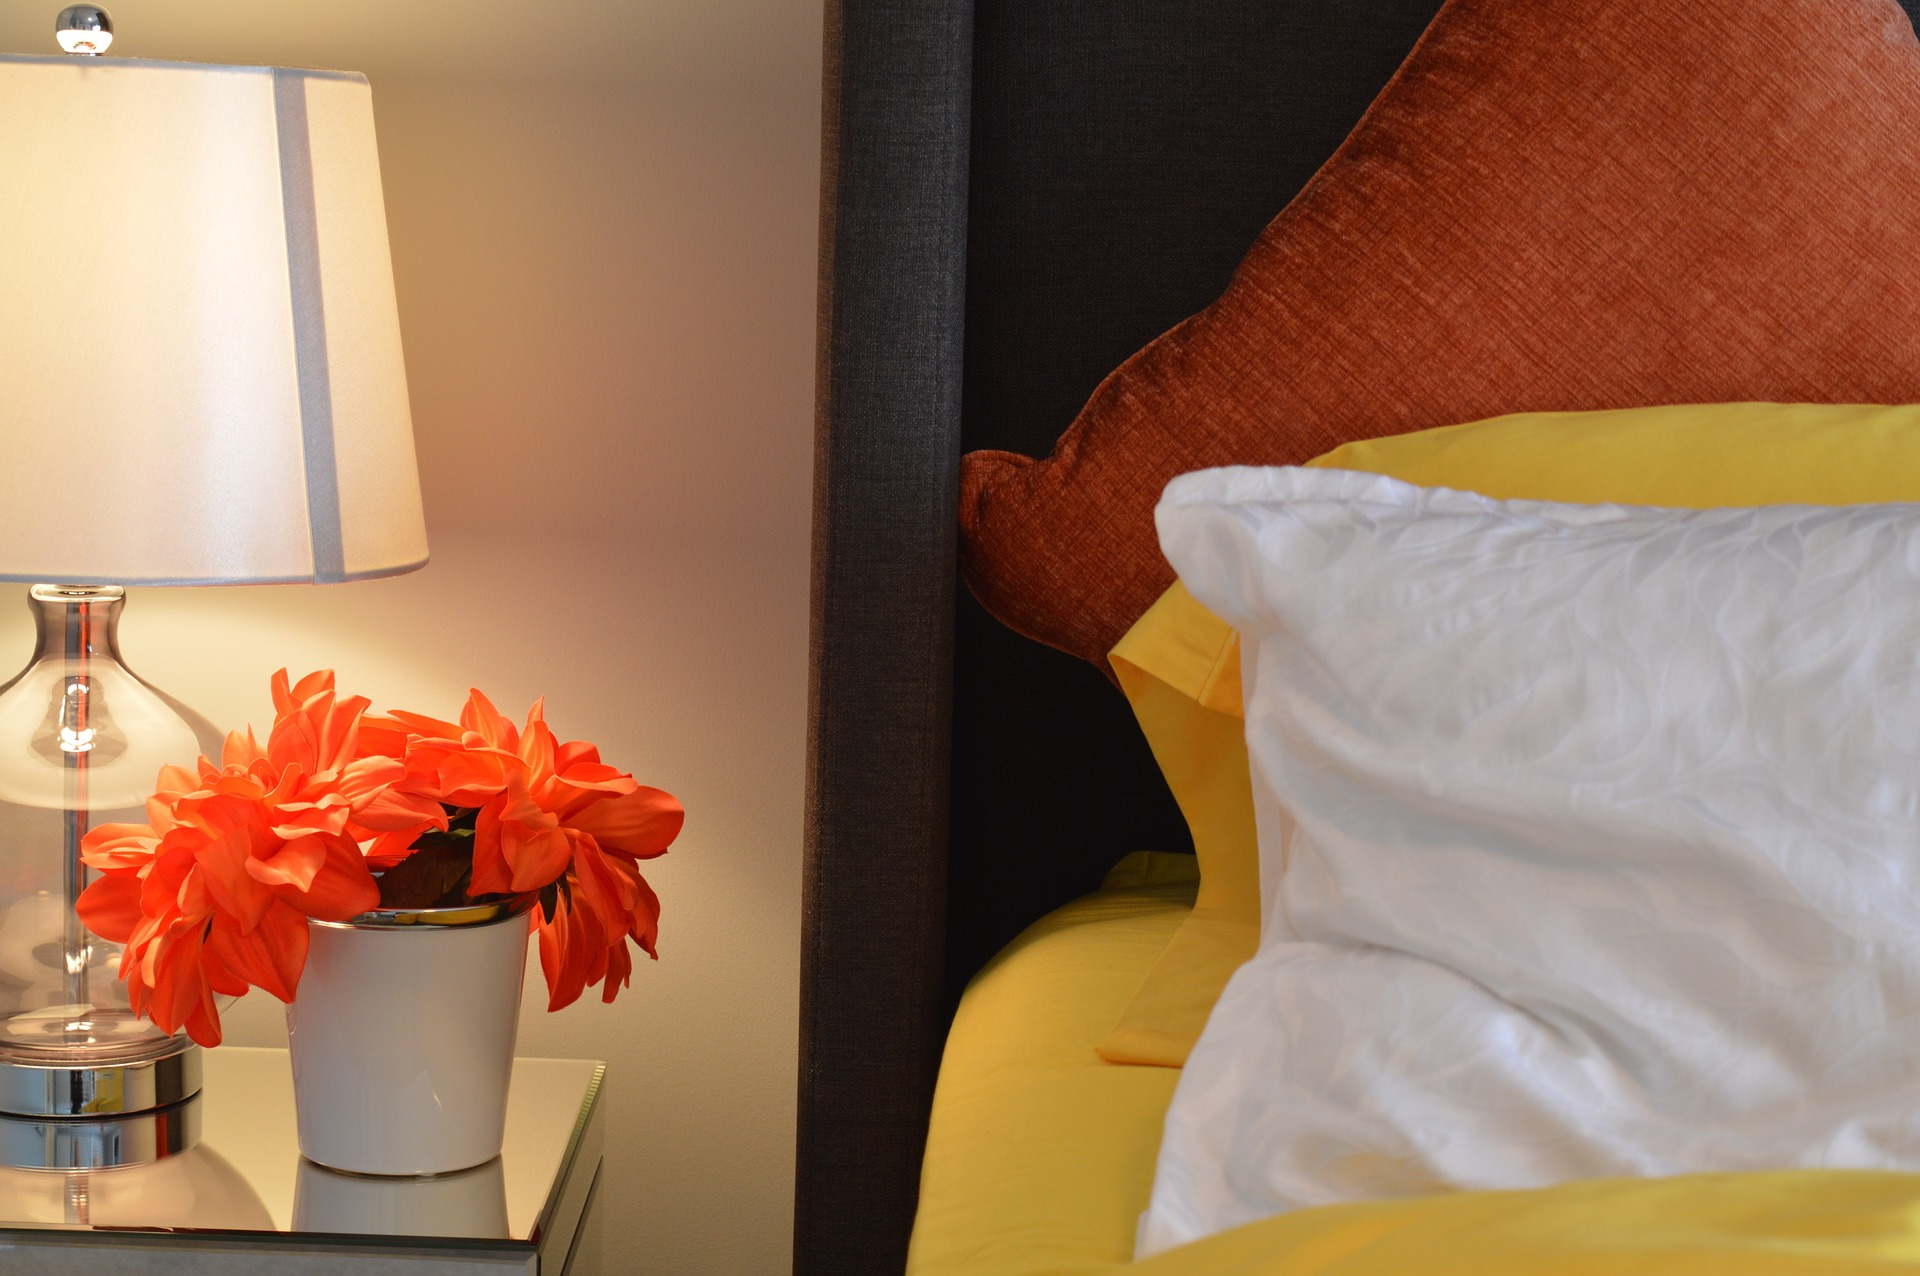 Sehnat vČesku levné a kvalitní ubytování není nereálné